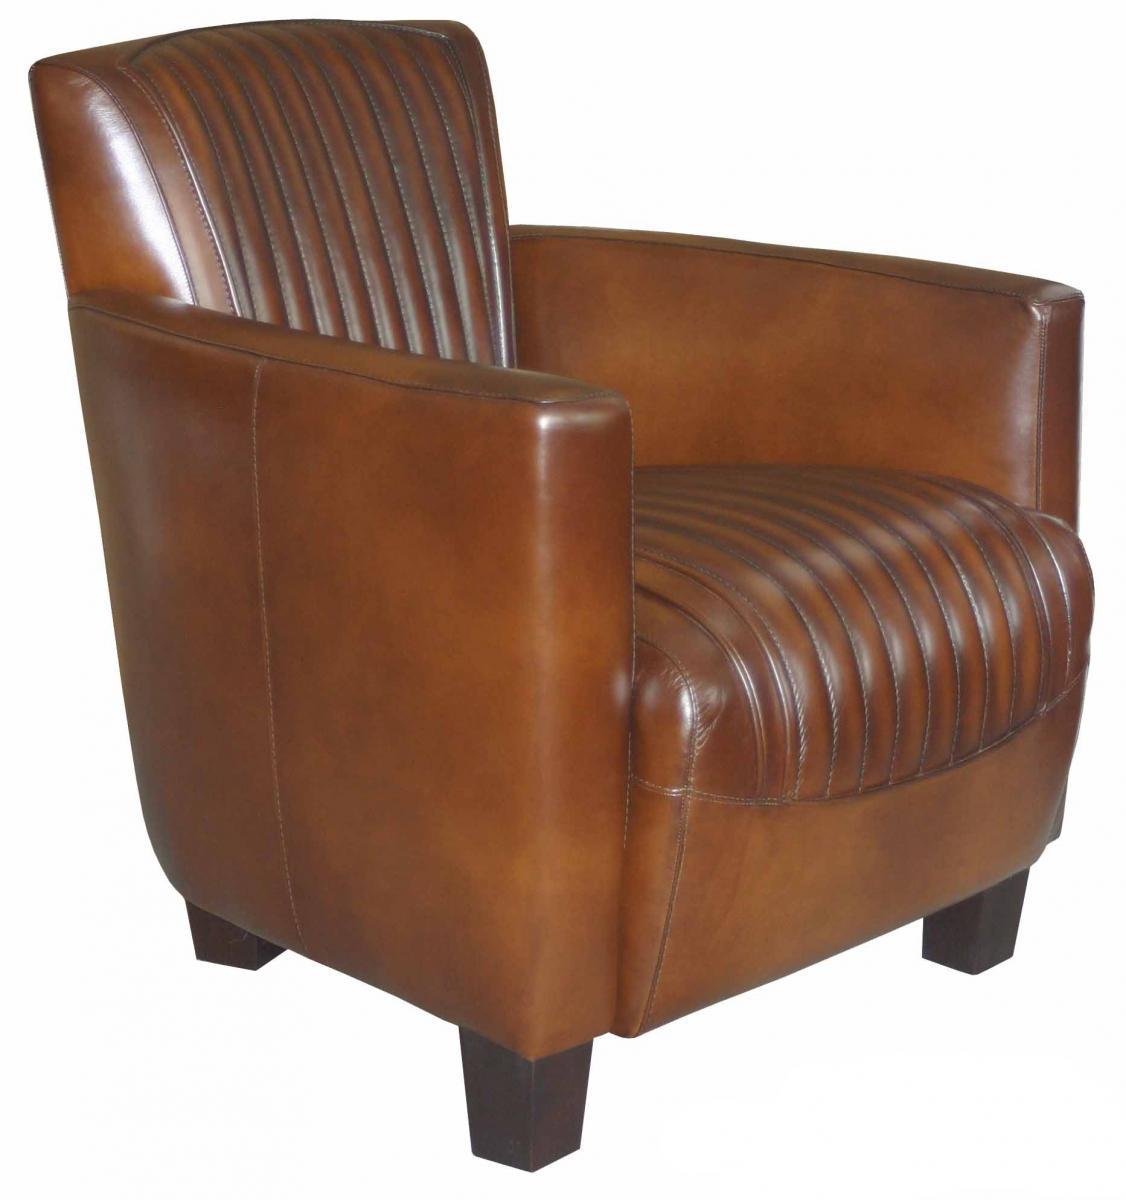 clubsessel leder good clubsessel marlene with clubsessel leder excellent er jahre clubsessel. Black Bedroom Furniture Sets. Home Design Ideas